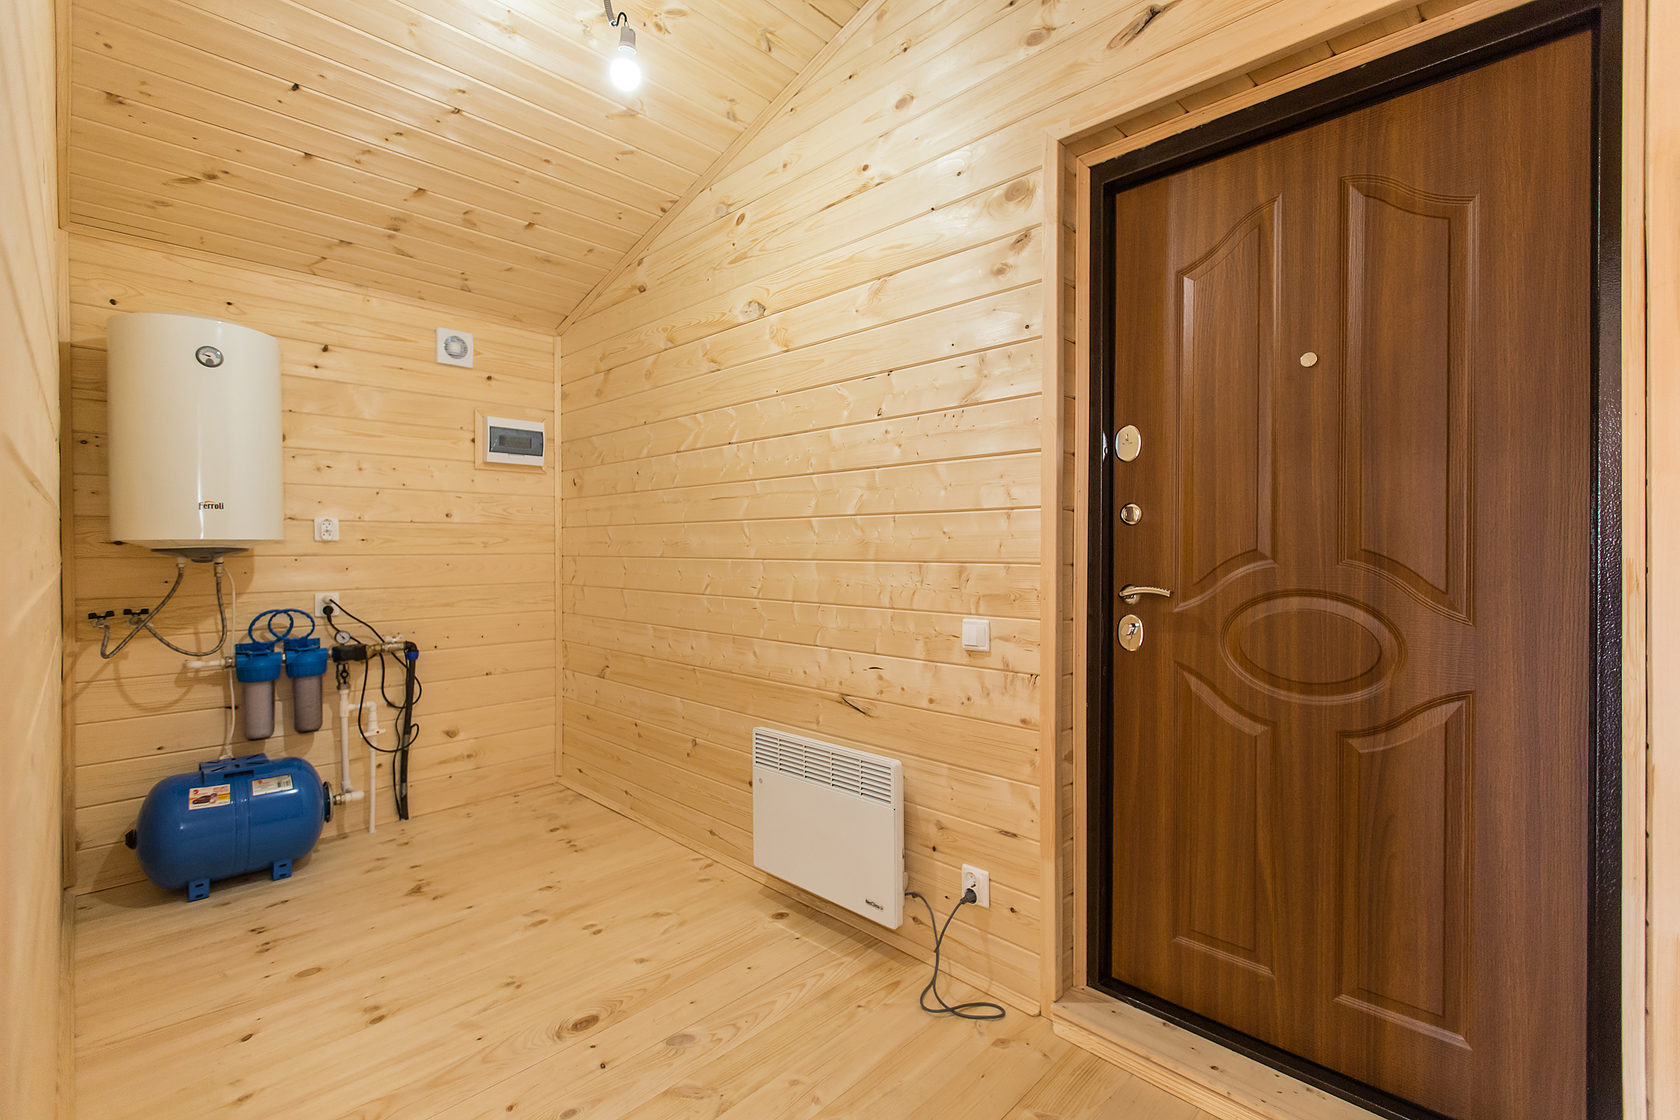 Отделка комнаты облицовочным камнем фото кадром также